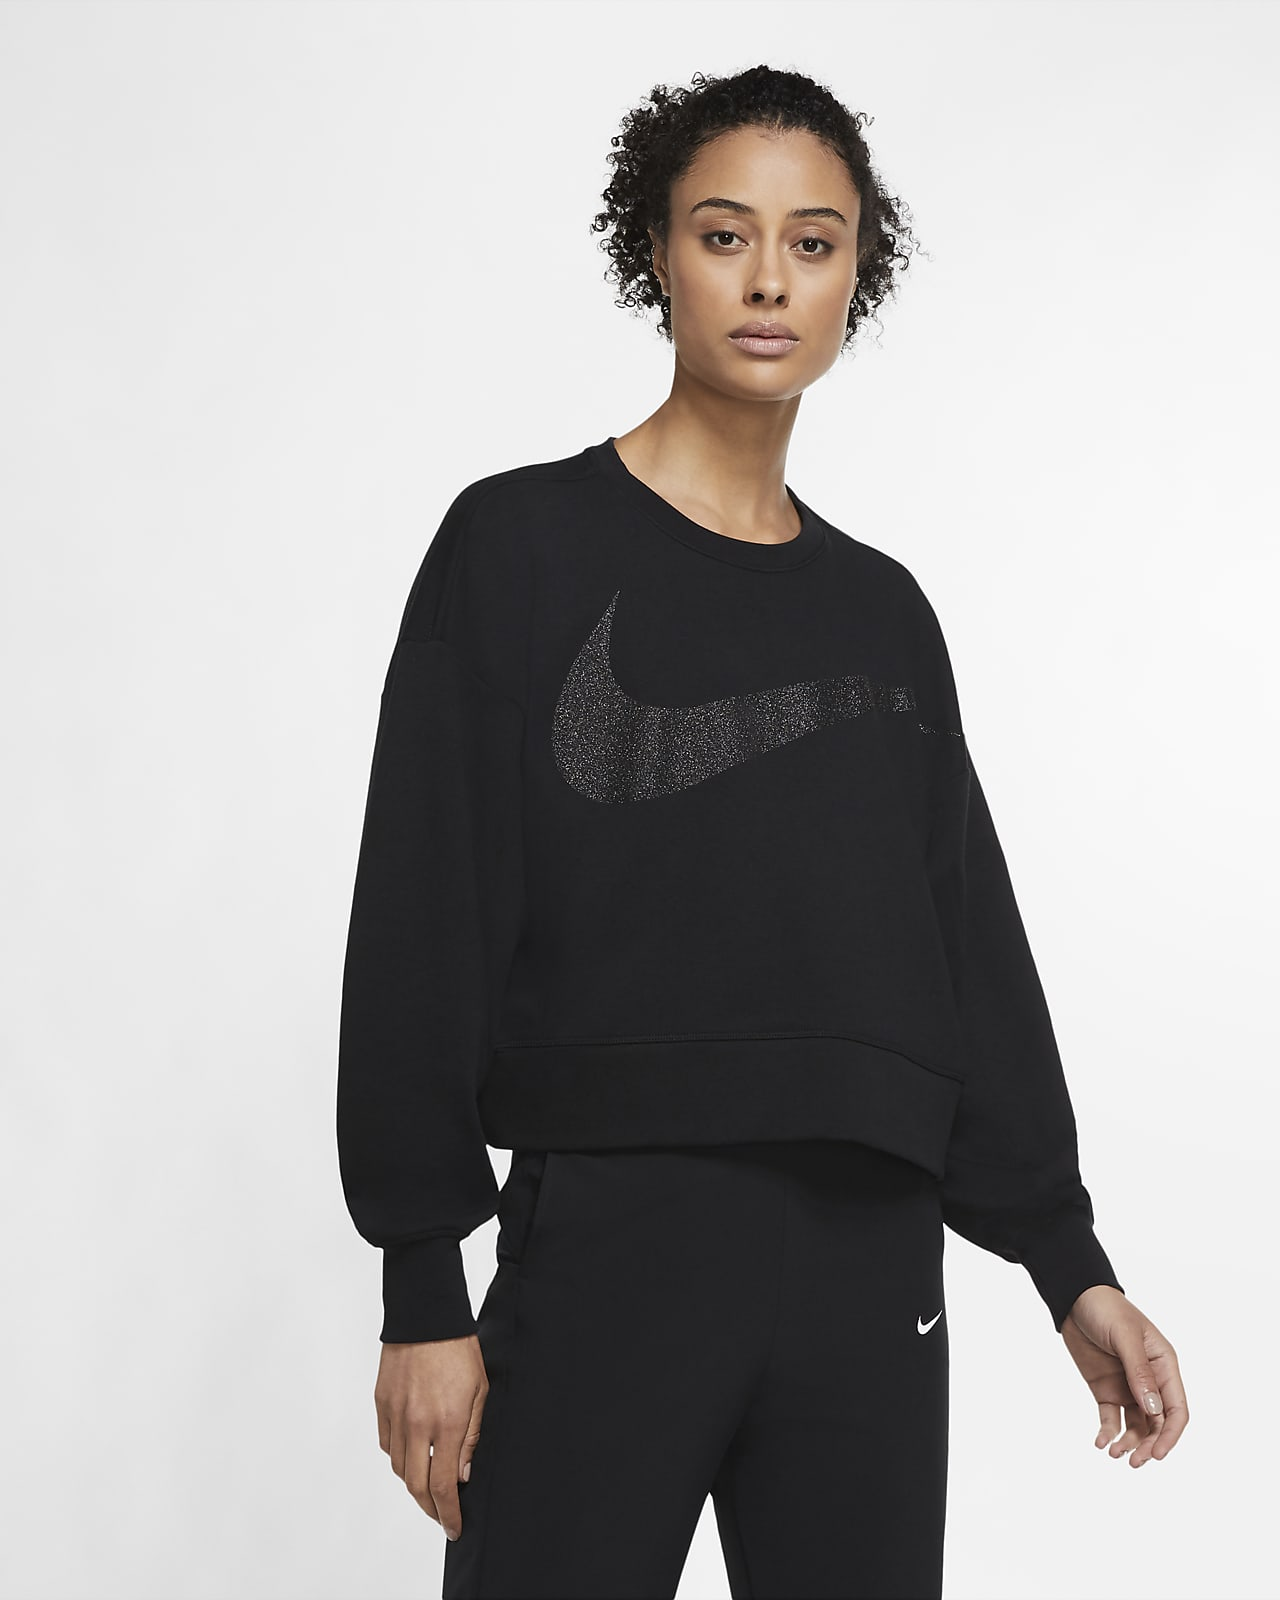 Nike Dri-FIT Get Fit Camiseta de entrenamiento con tejido Fleece con brillo - Mujer